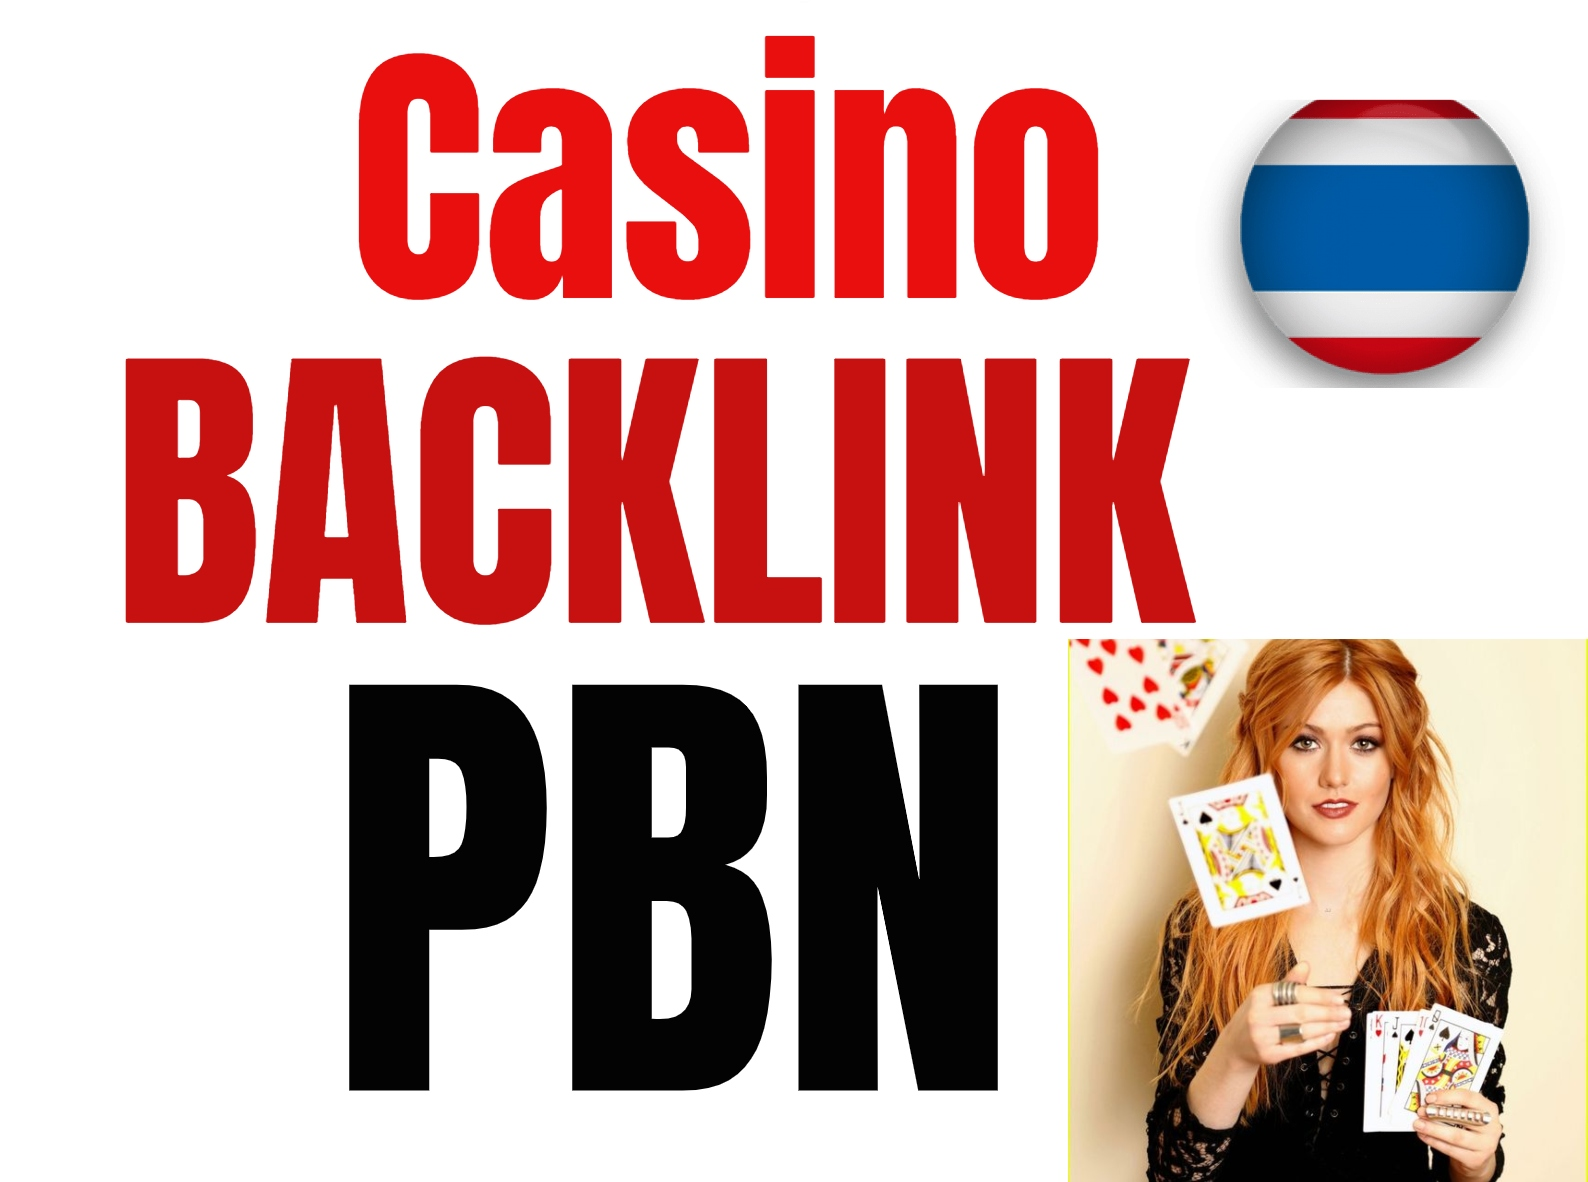 casino,  poker, gambling website in Google 1st page Rankings SEO PBN BACKLINK